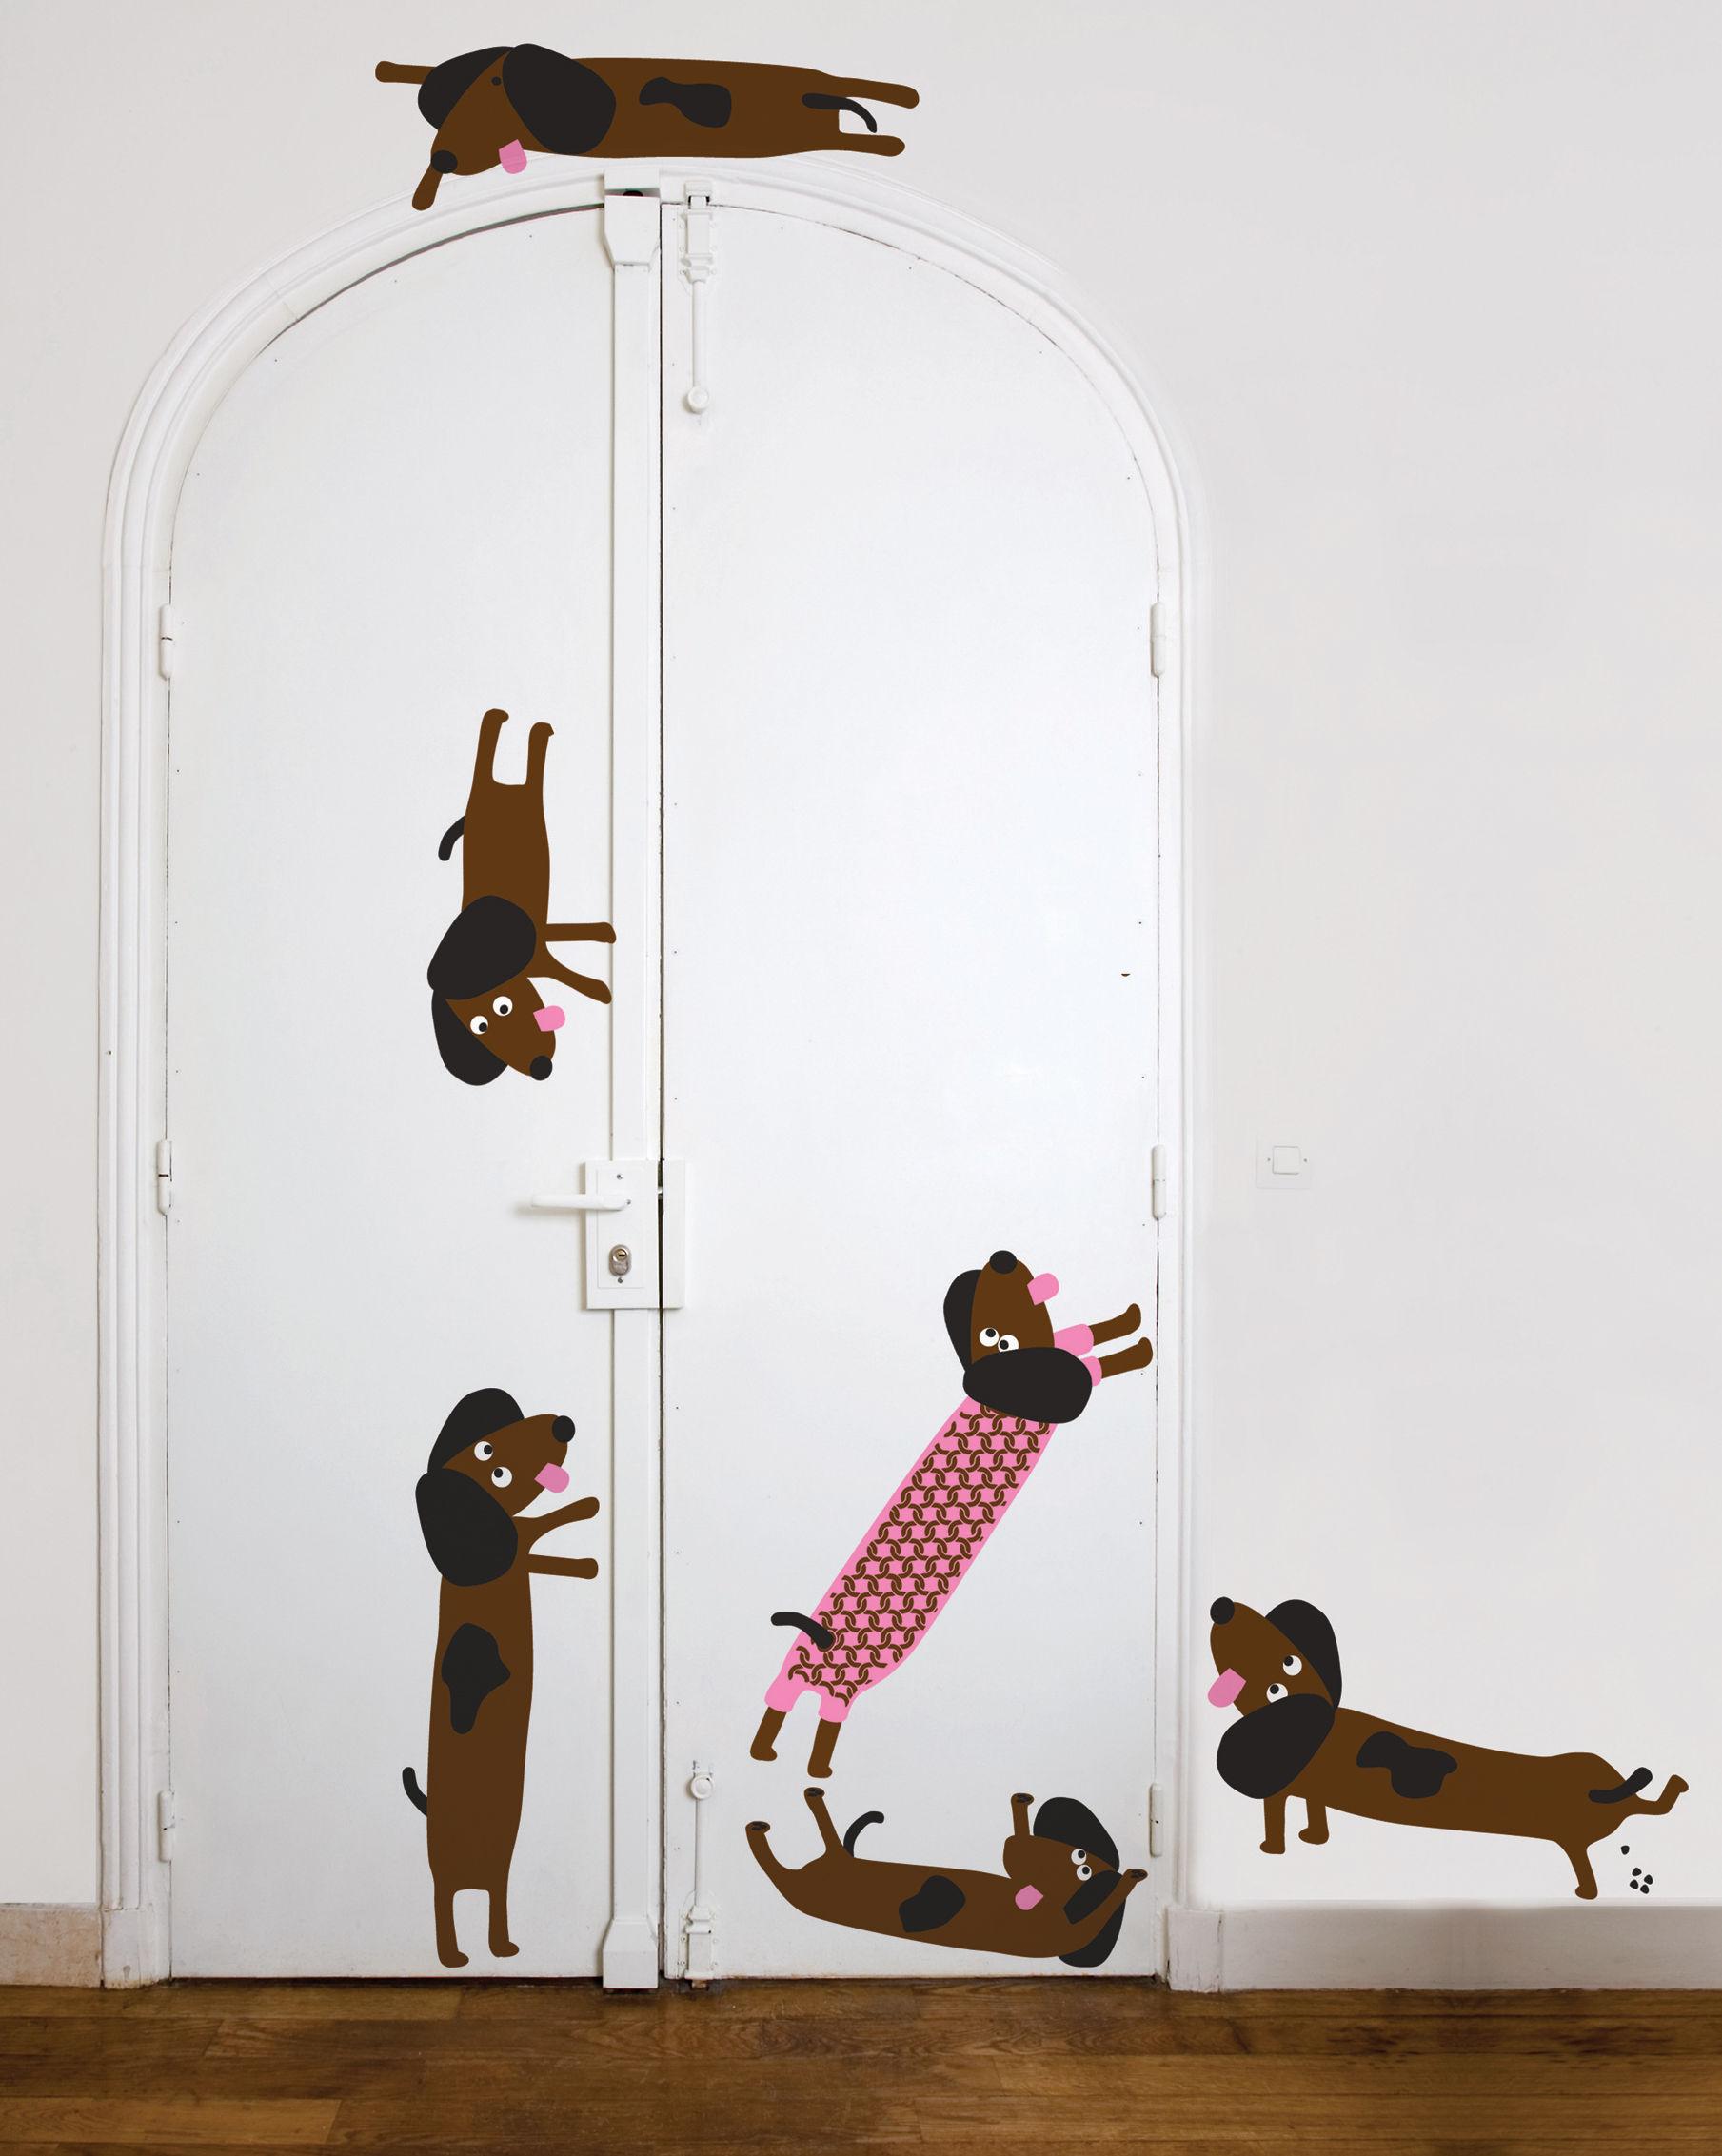 Interni - Sticker - Sticker Dog en kit 2 di Domestic - Marrone / grigio / rosa - Vinile